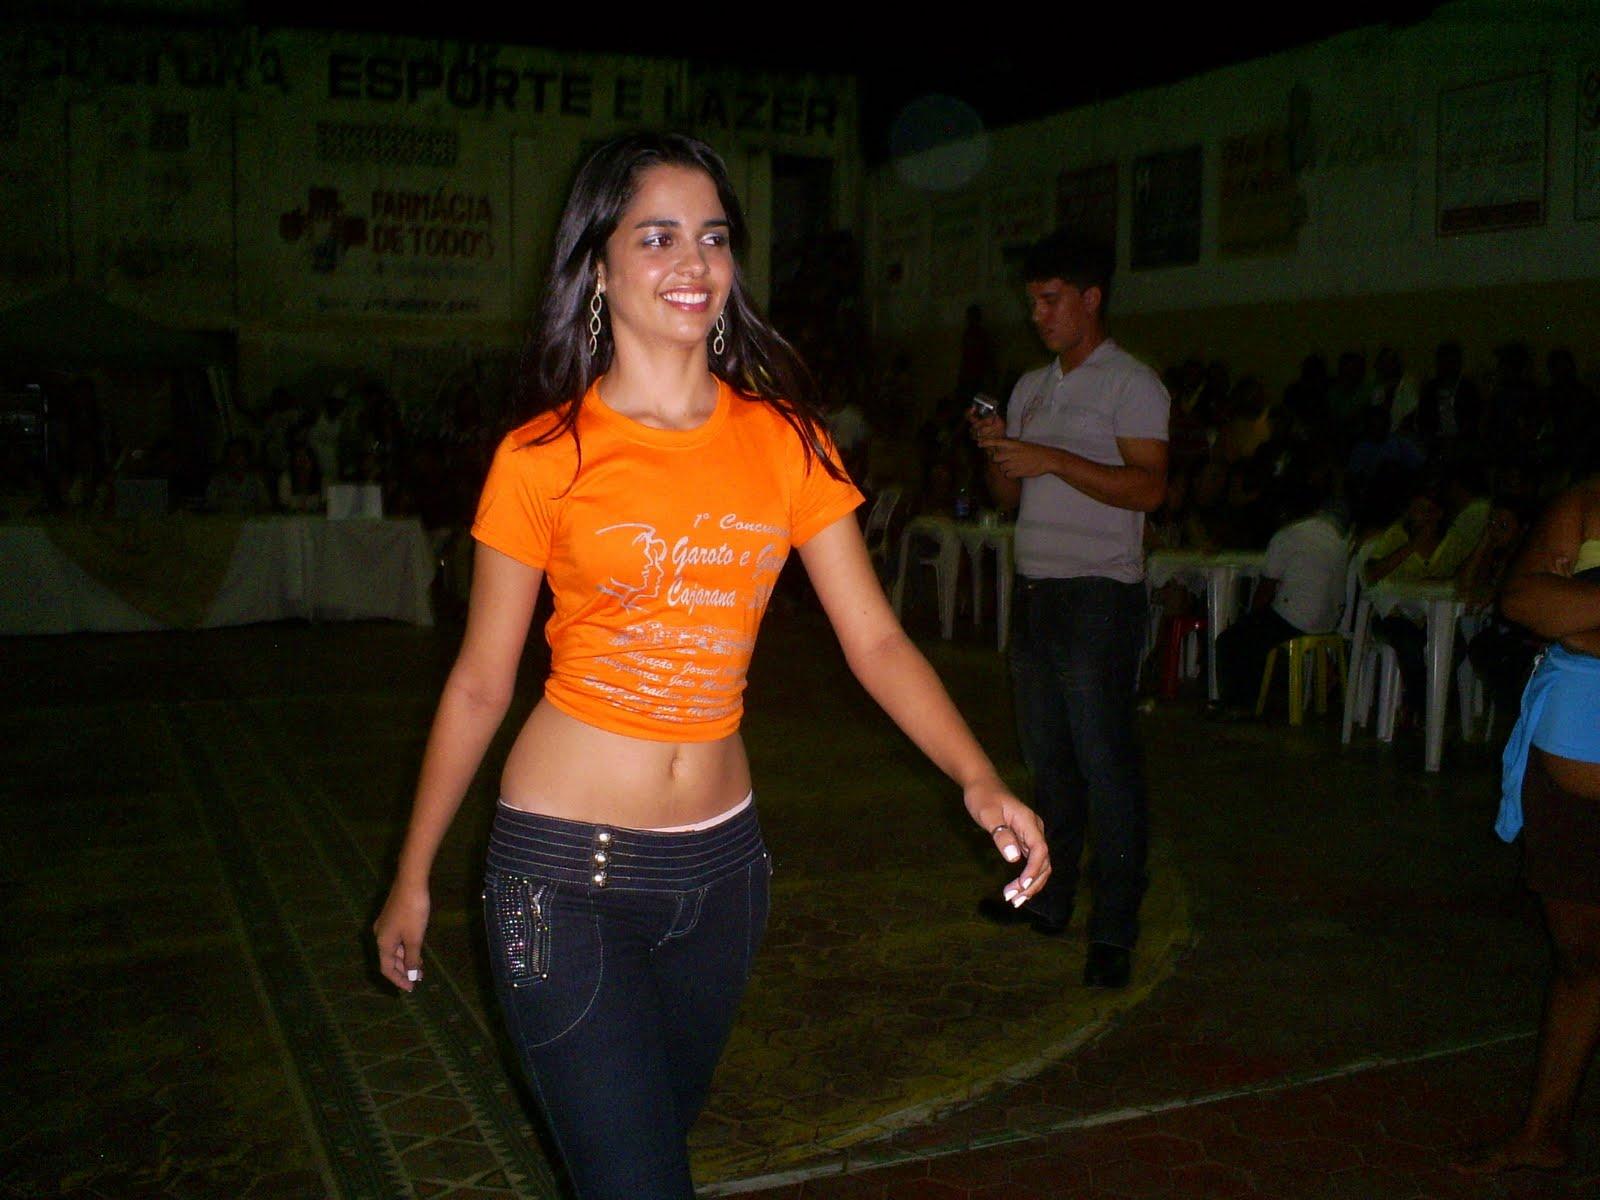 [Imagem: Willyma+de+Souza+Lima+-+Garota+Cajarana+2009.JPG]